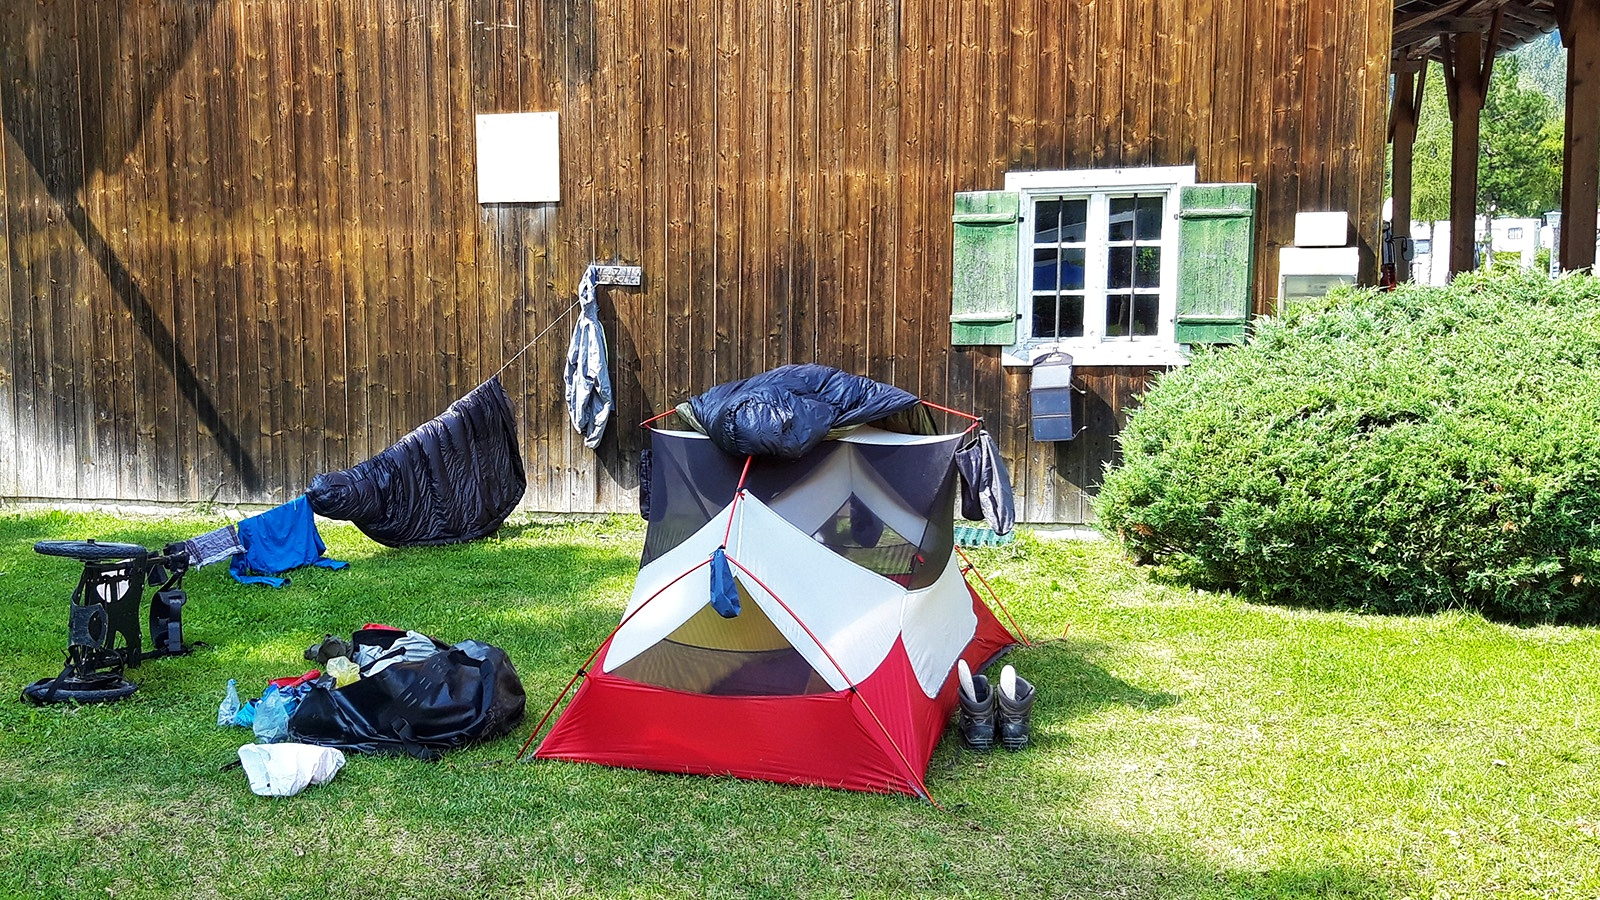 Zelt und Campingausrüstung vor einer Holzhütte